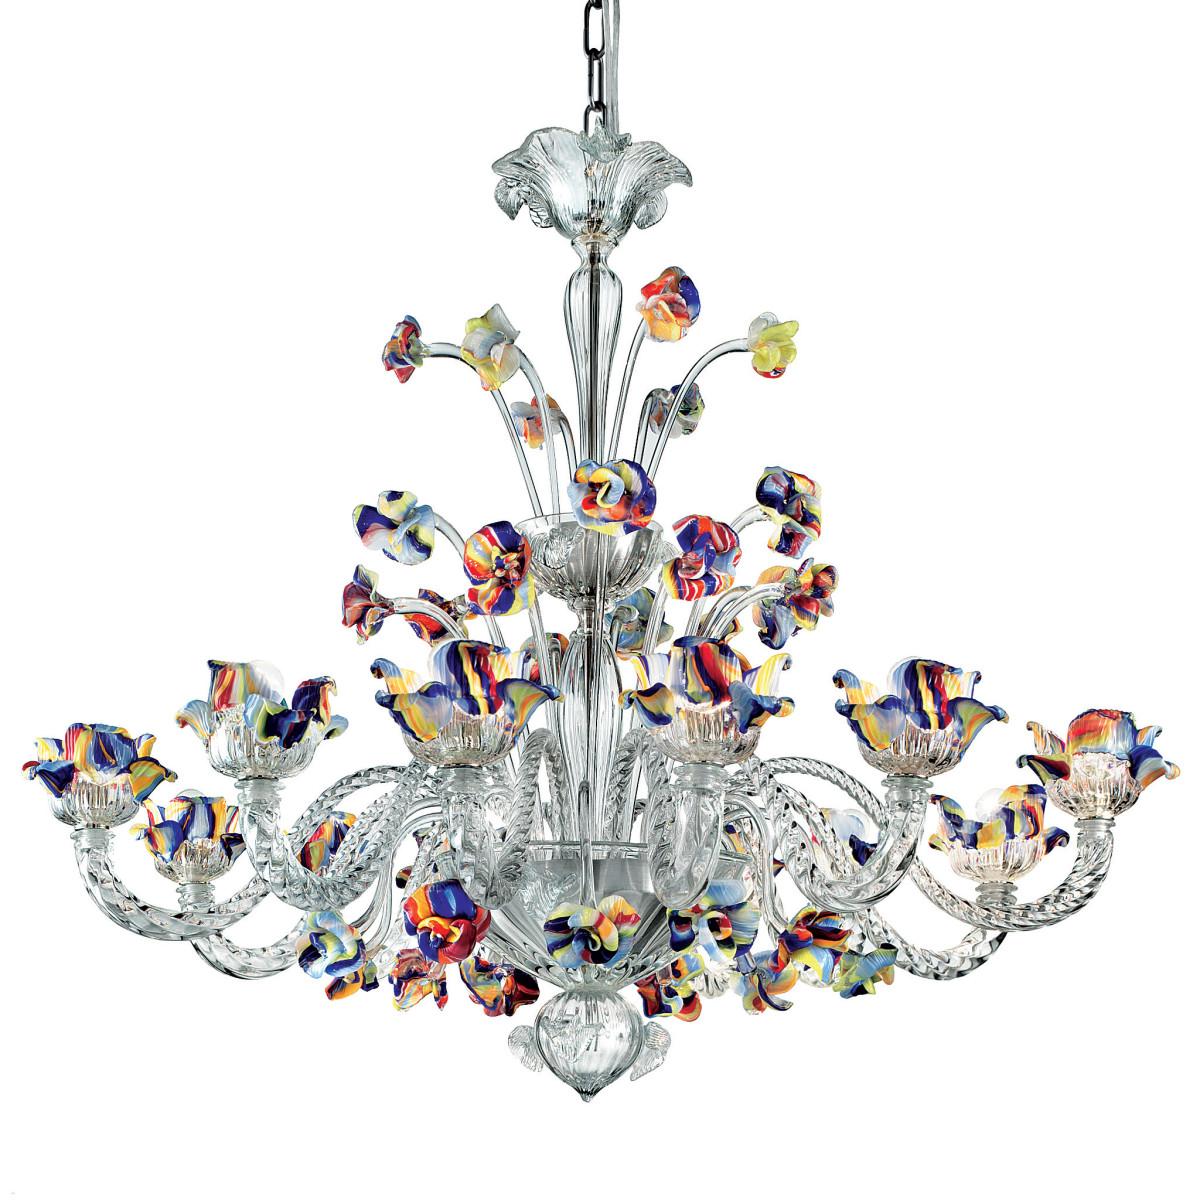 Cristallo lustre en verre de Murano - couleur transparent polychrome